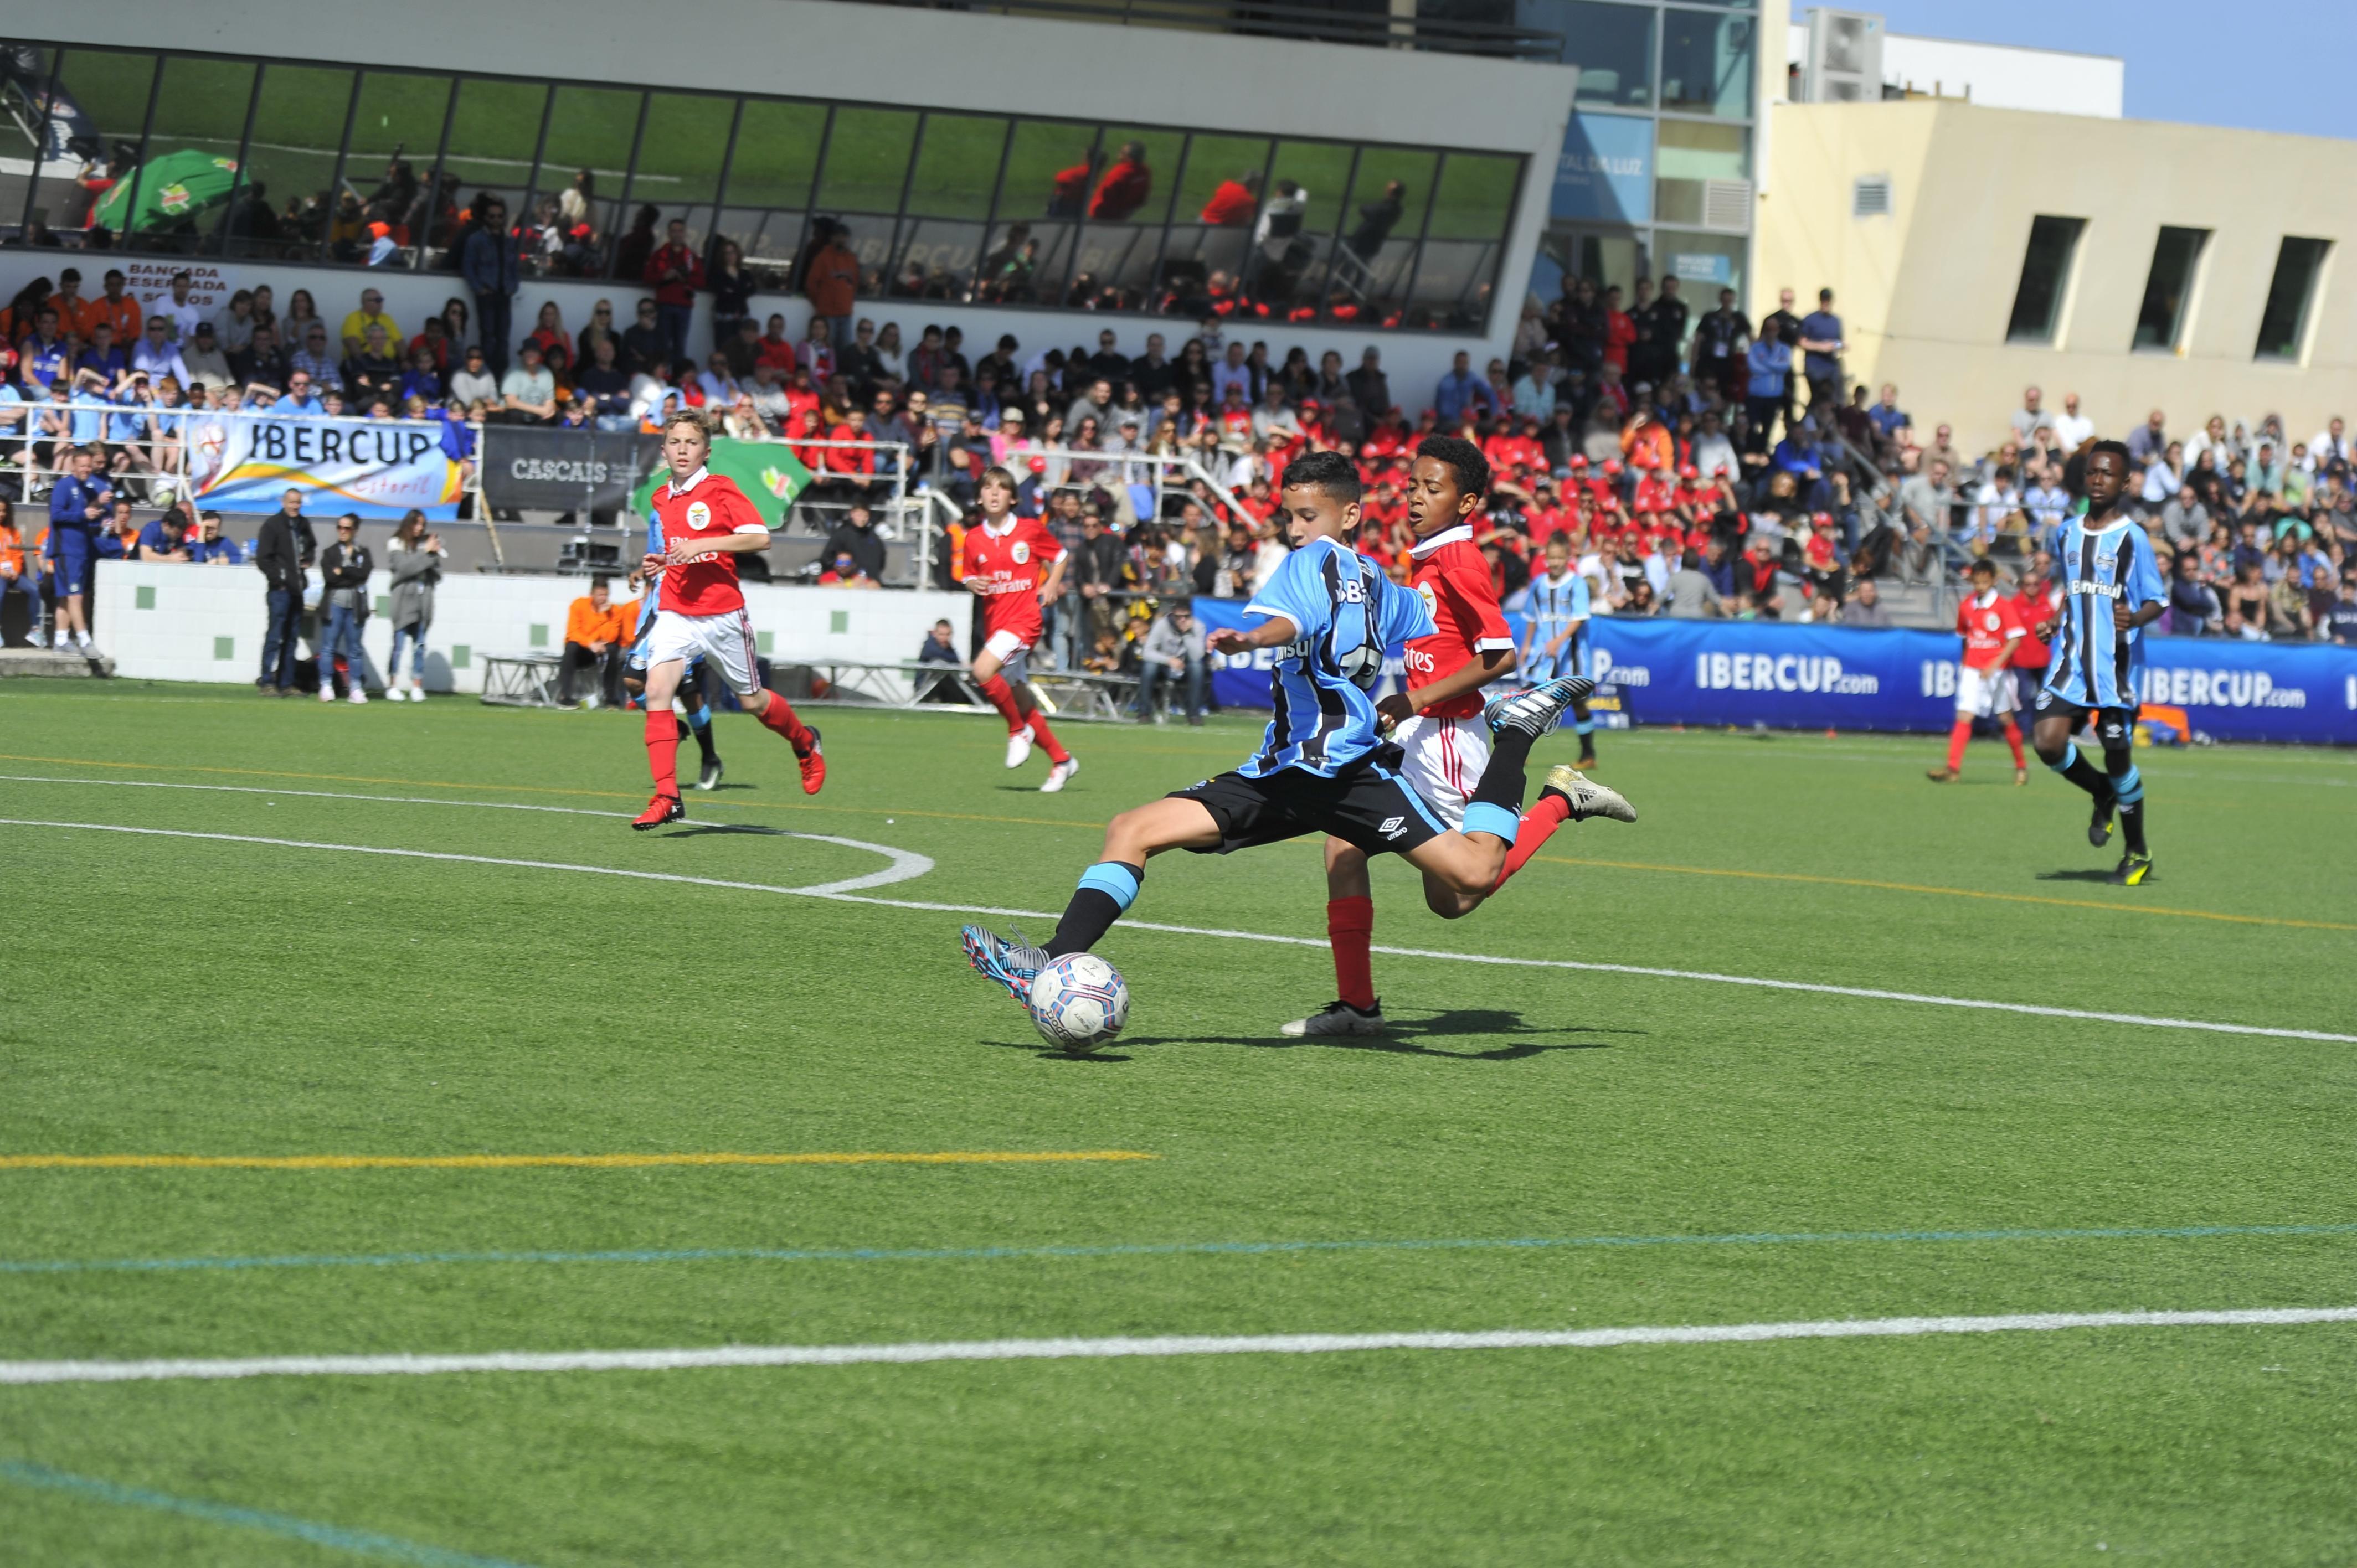 Ibercup Cascais International Football Tournament Road